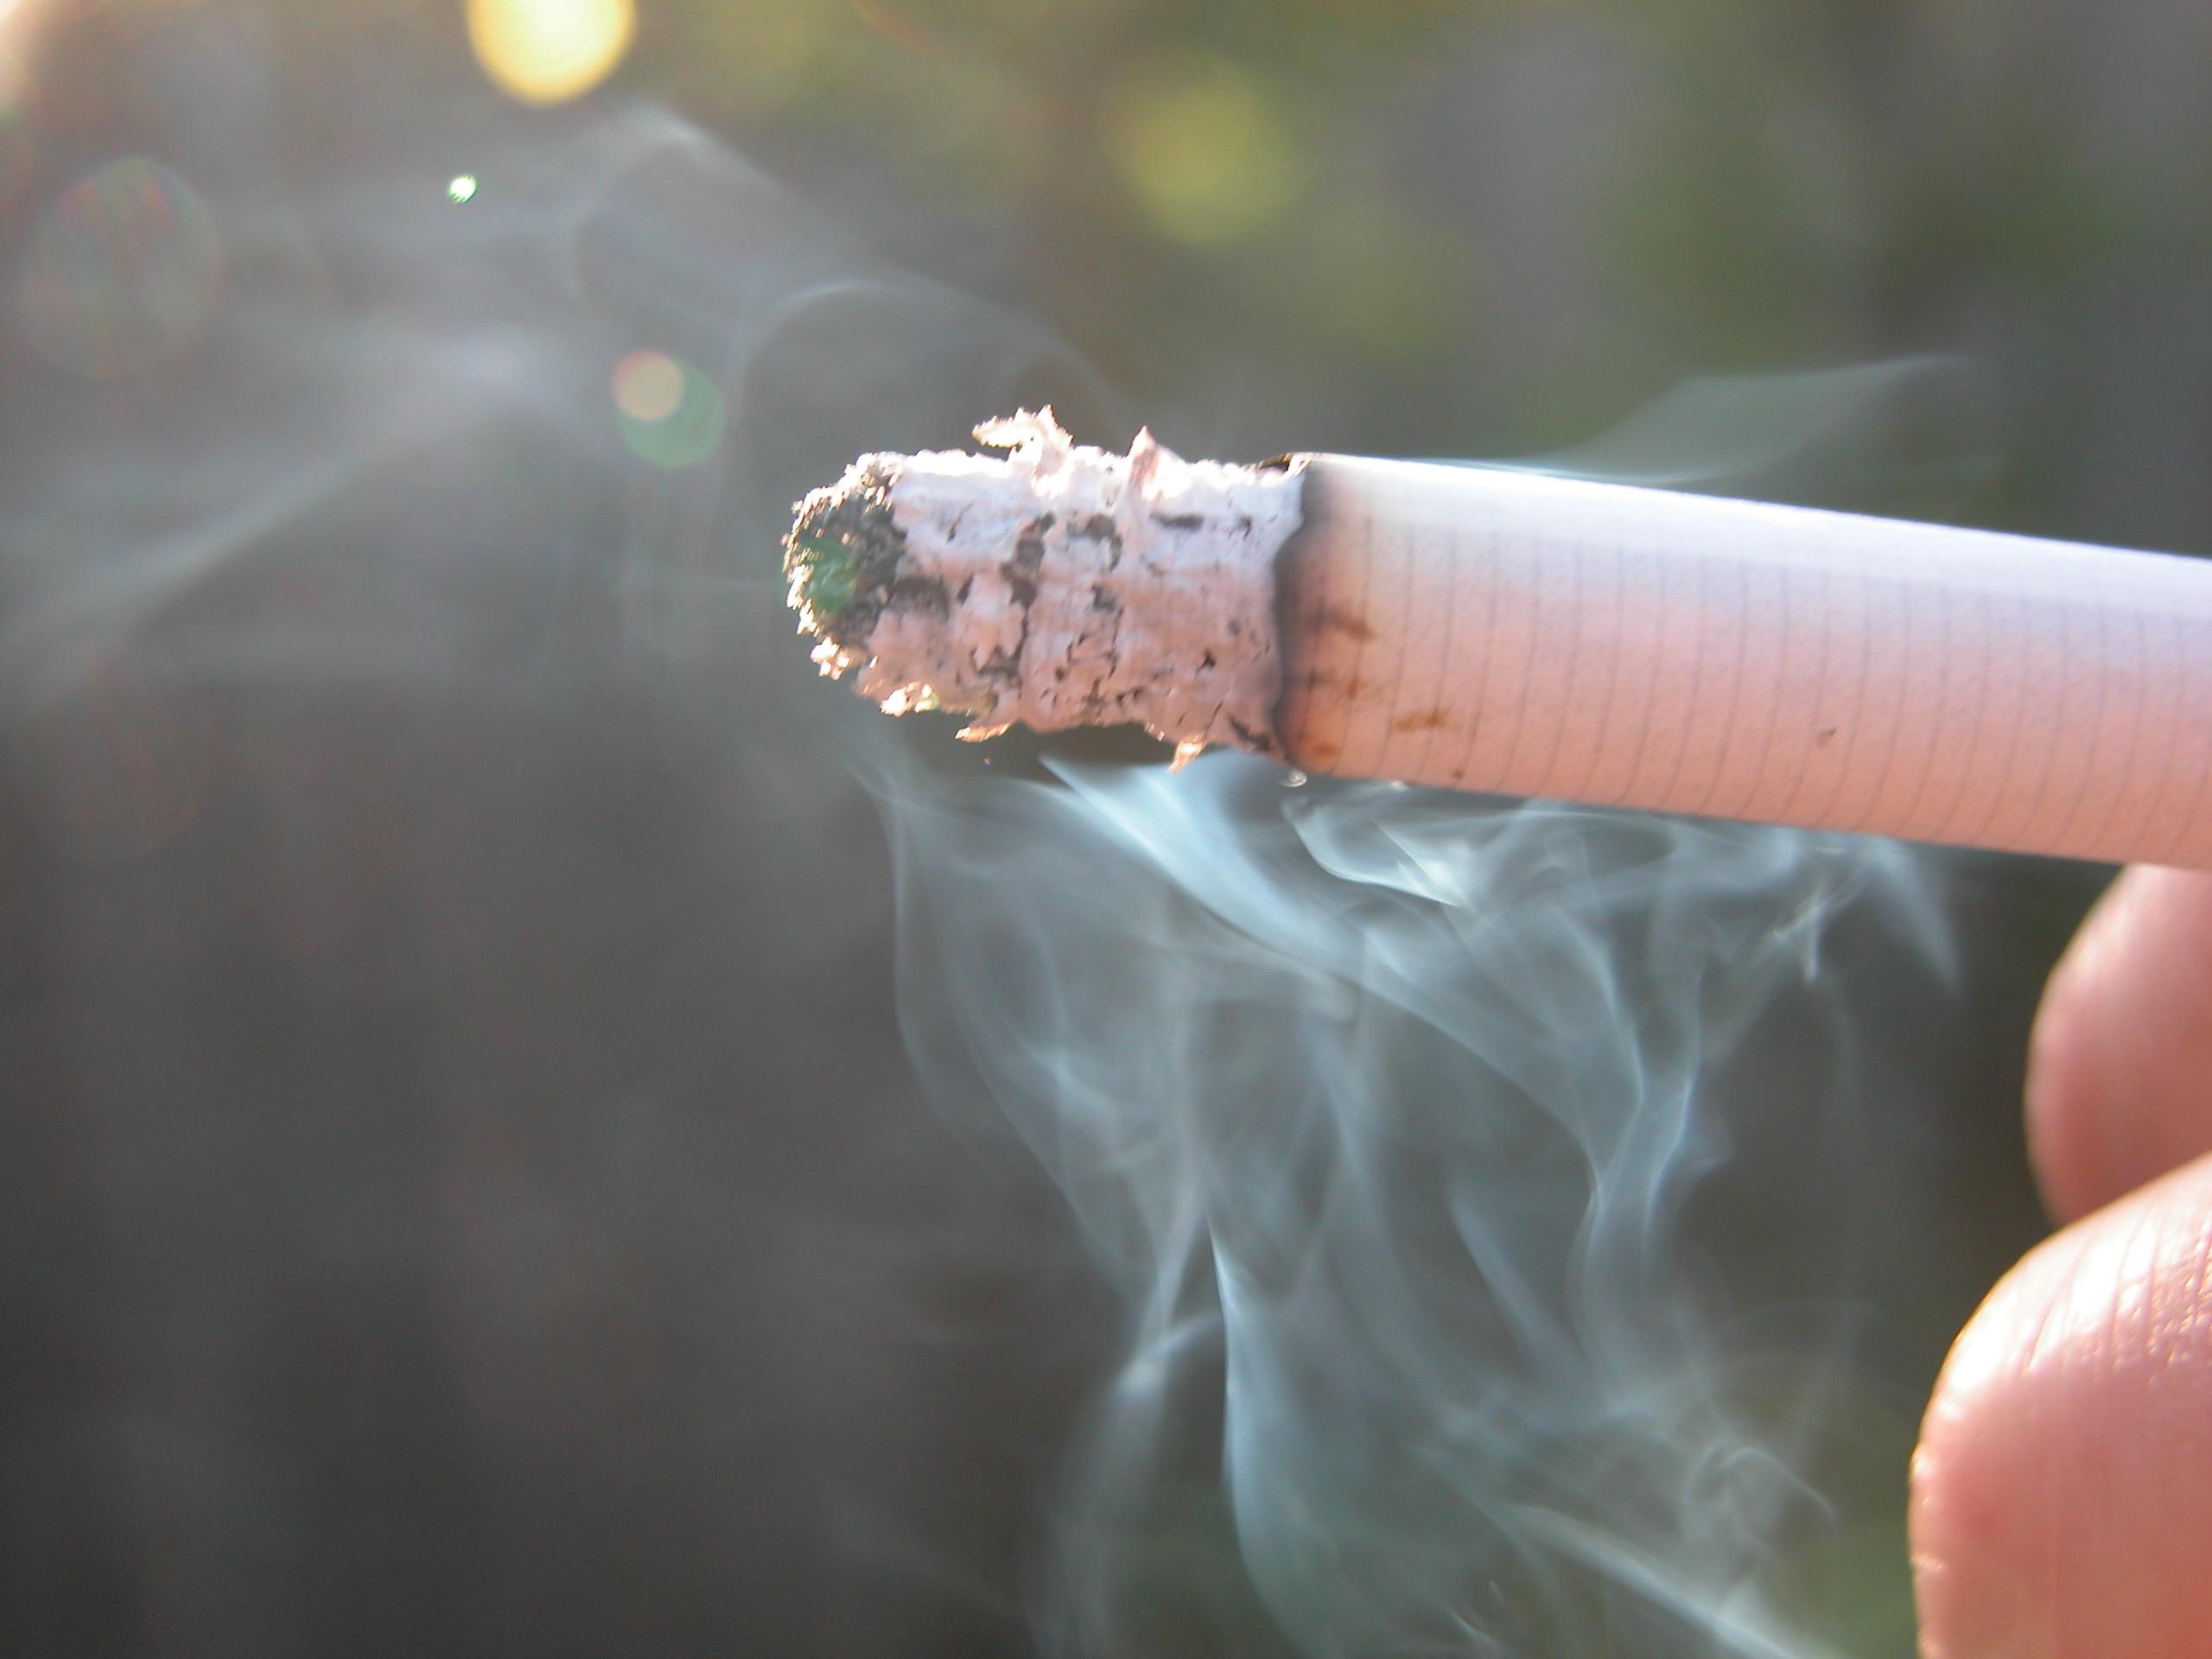 Ansiedad de fumar